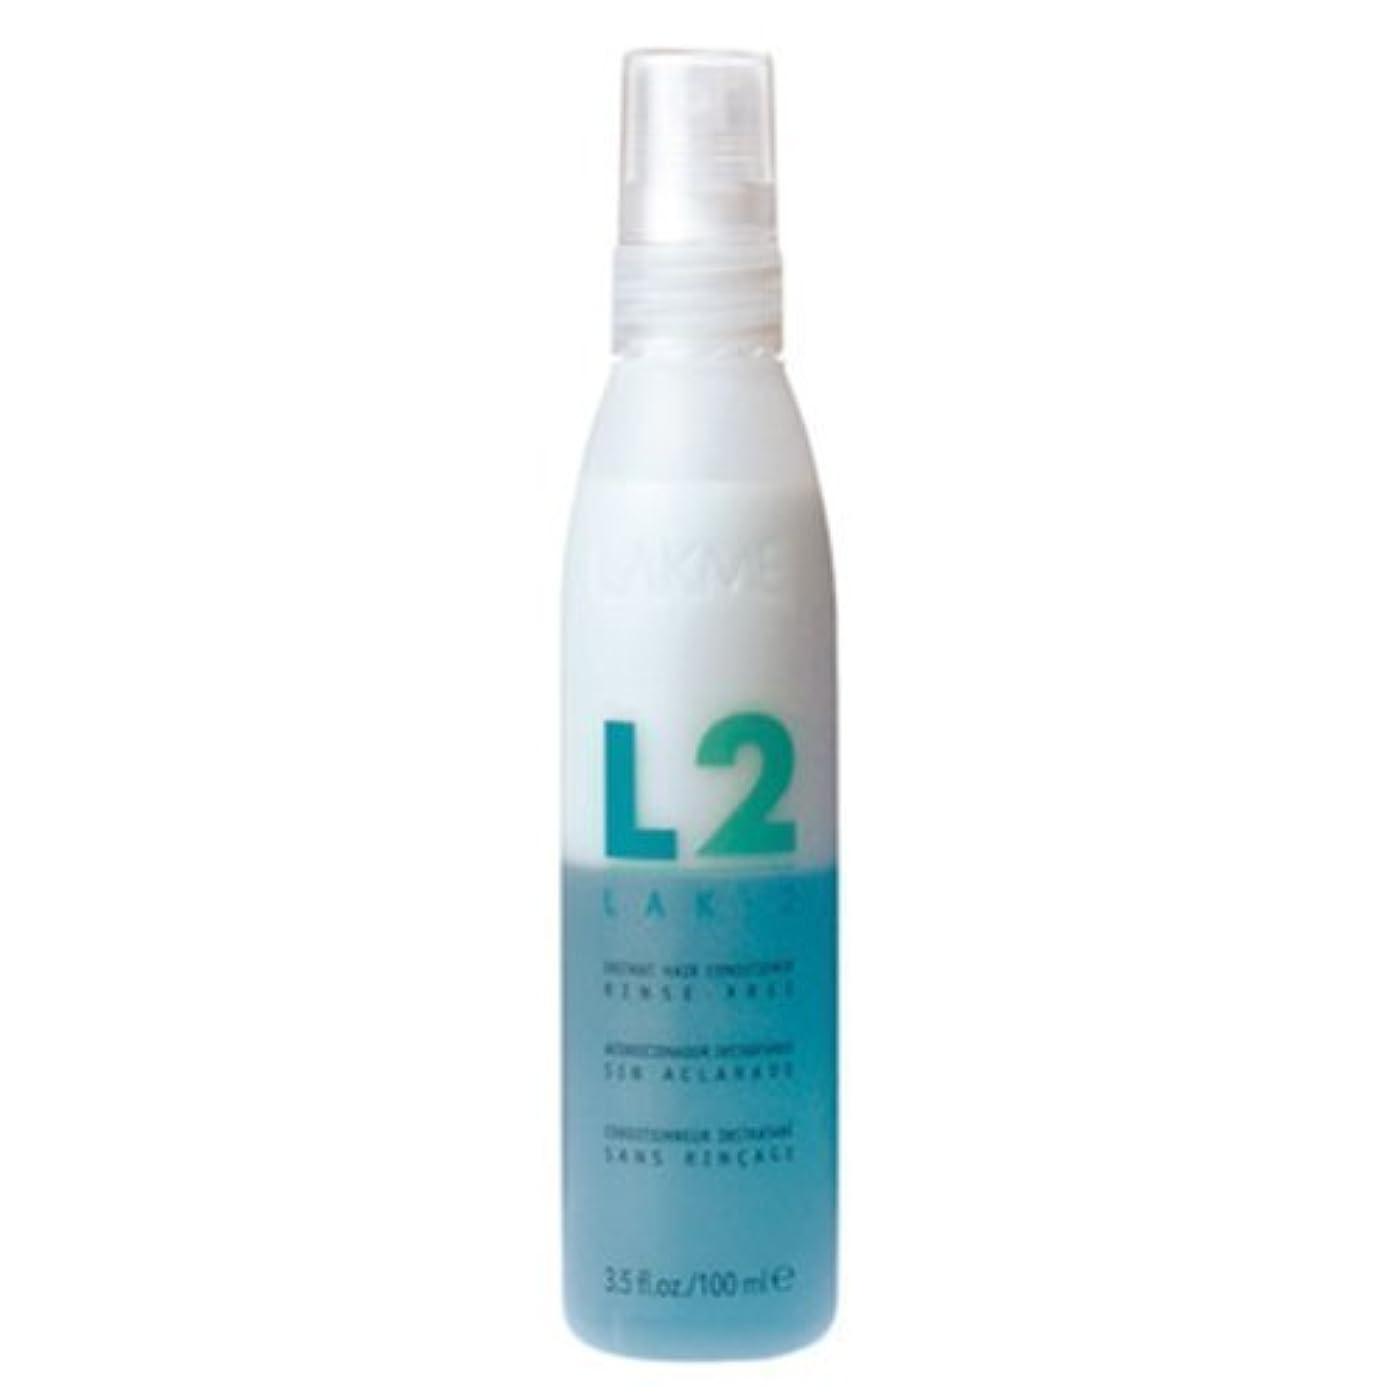 アクチュエータサージ乱雑なLakme Lak 2 Instant Hair Conditioner 3.5 Oz by Lakme